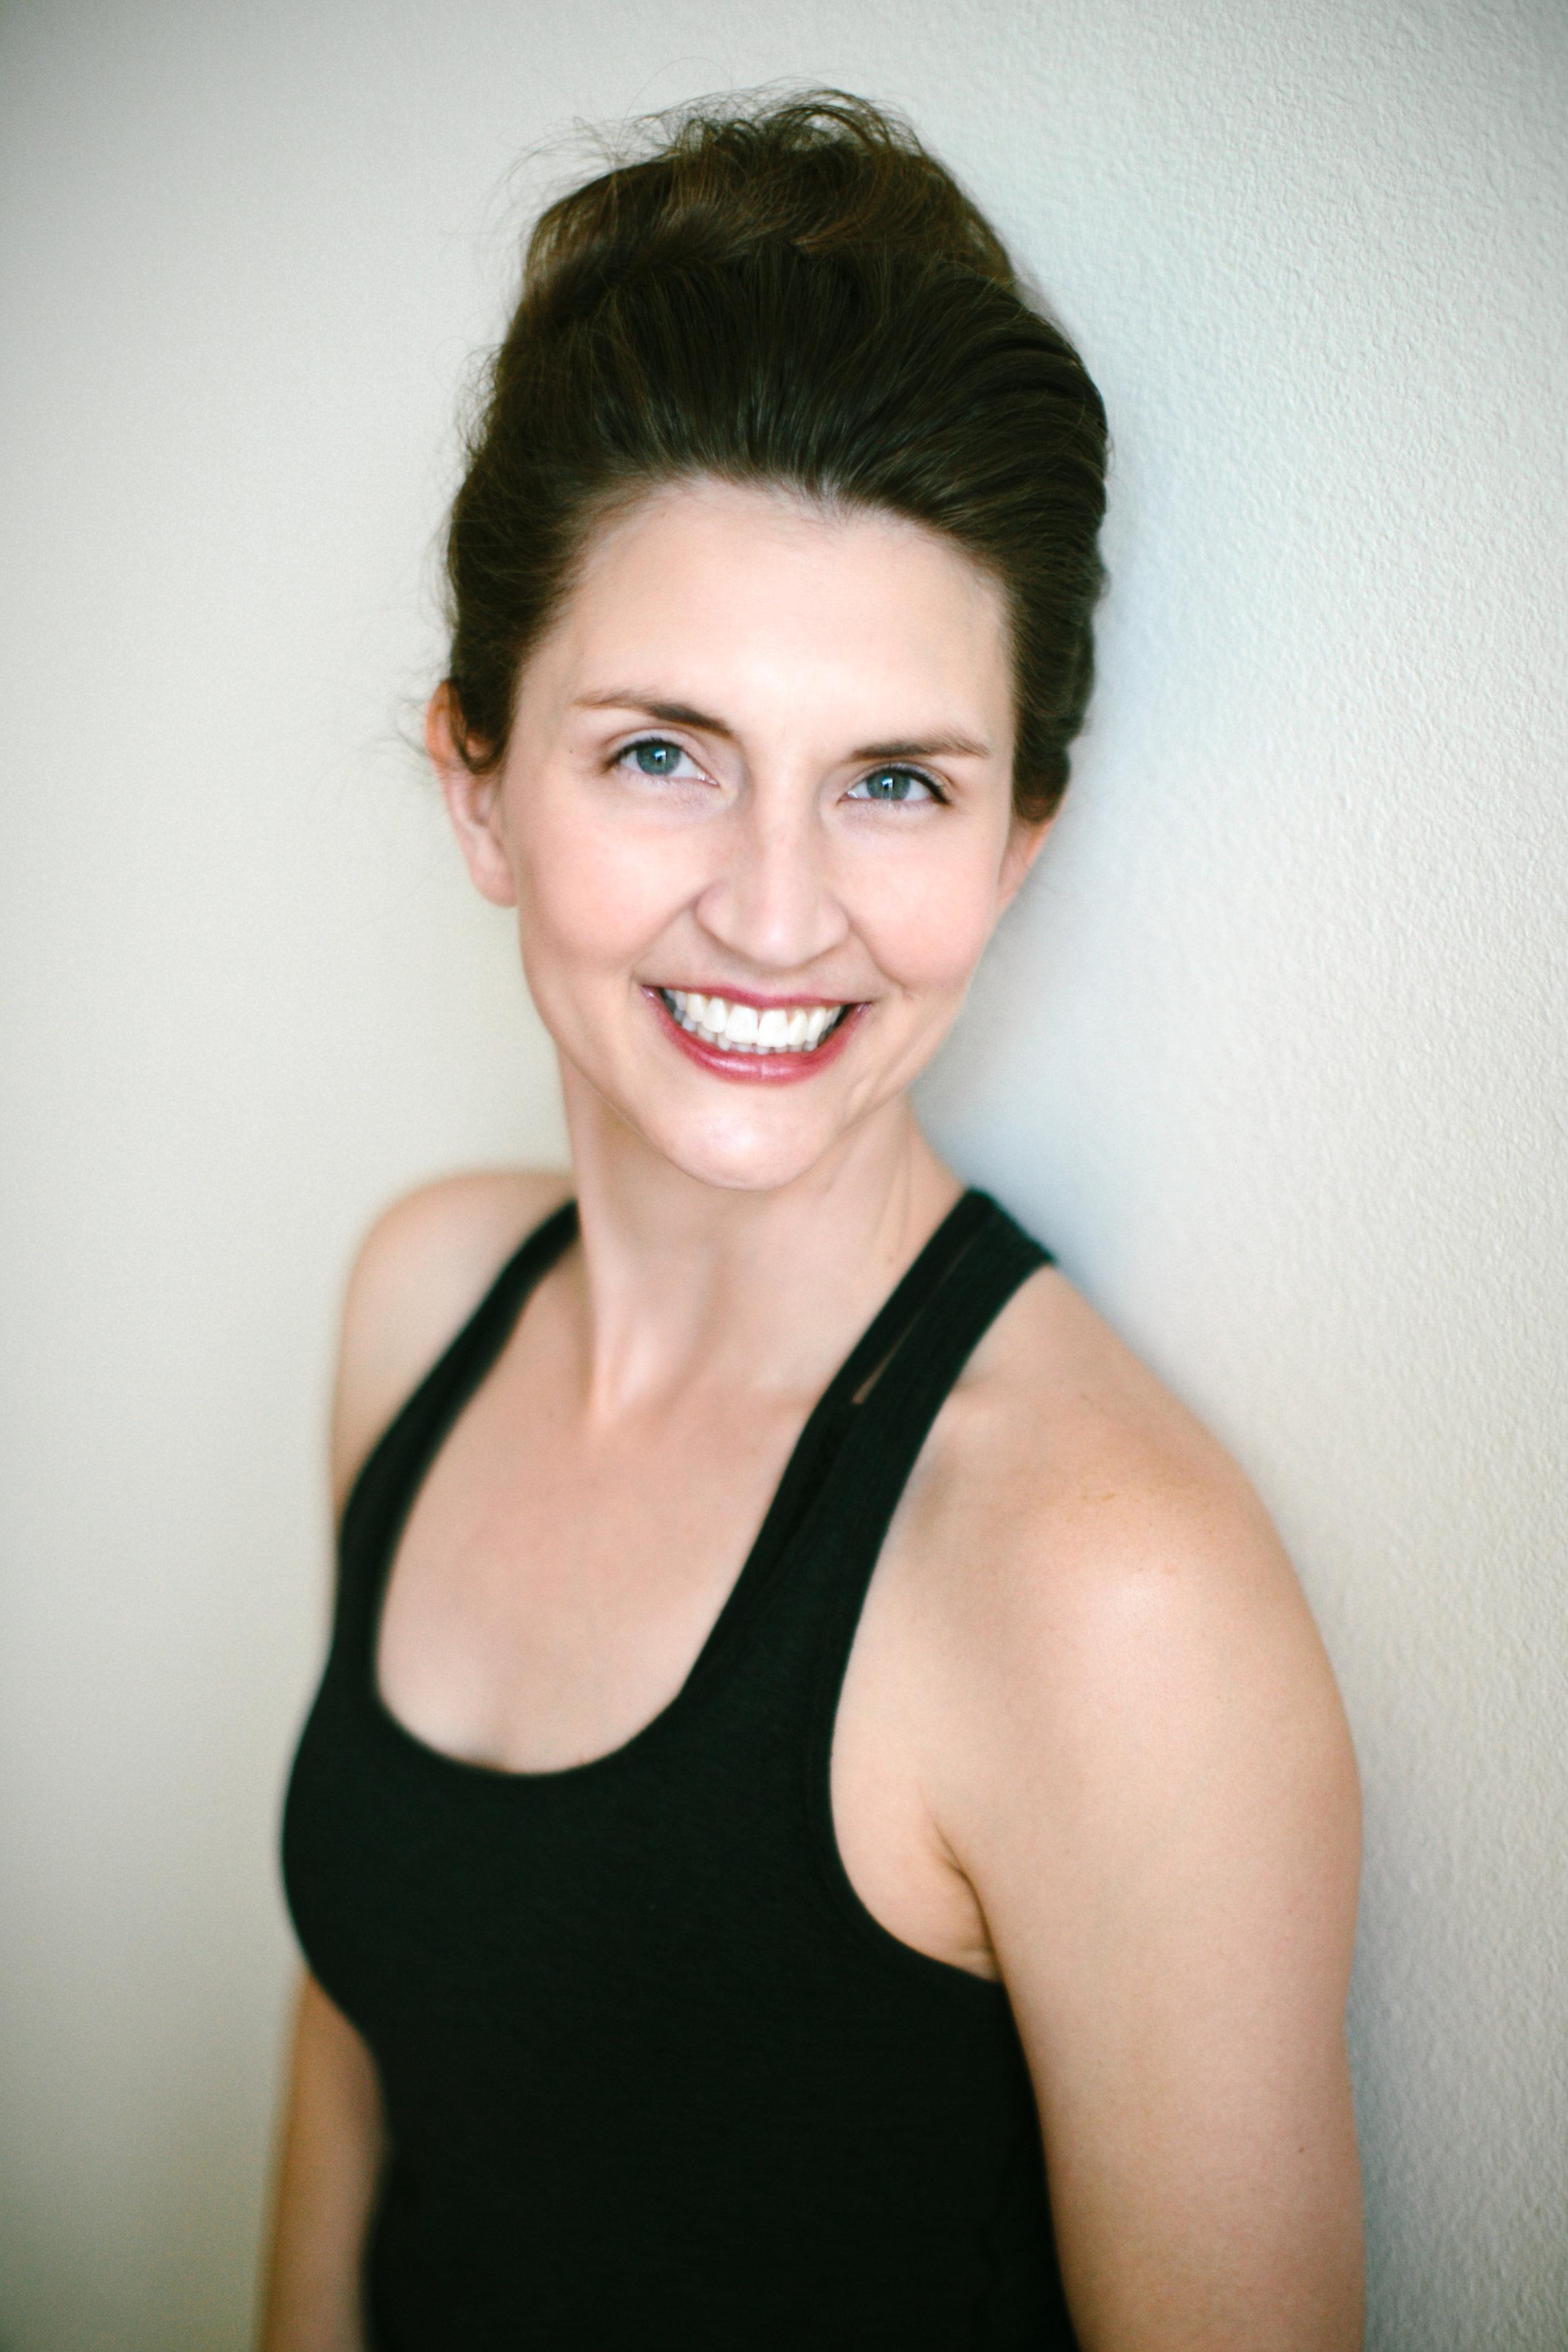 Emily Pauly